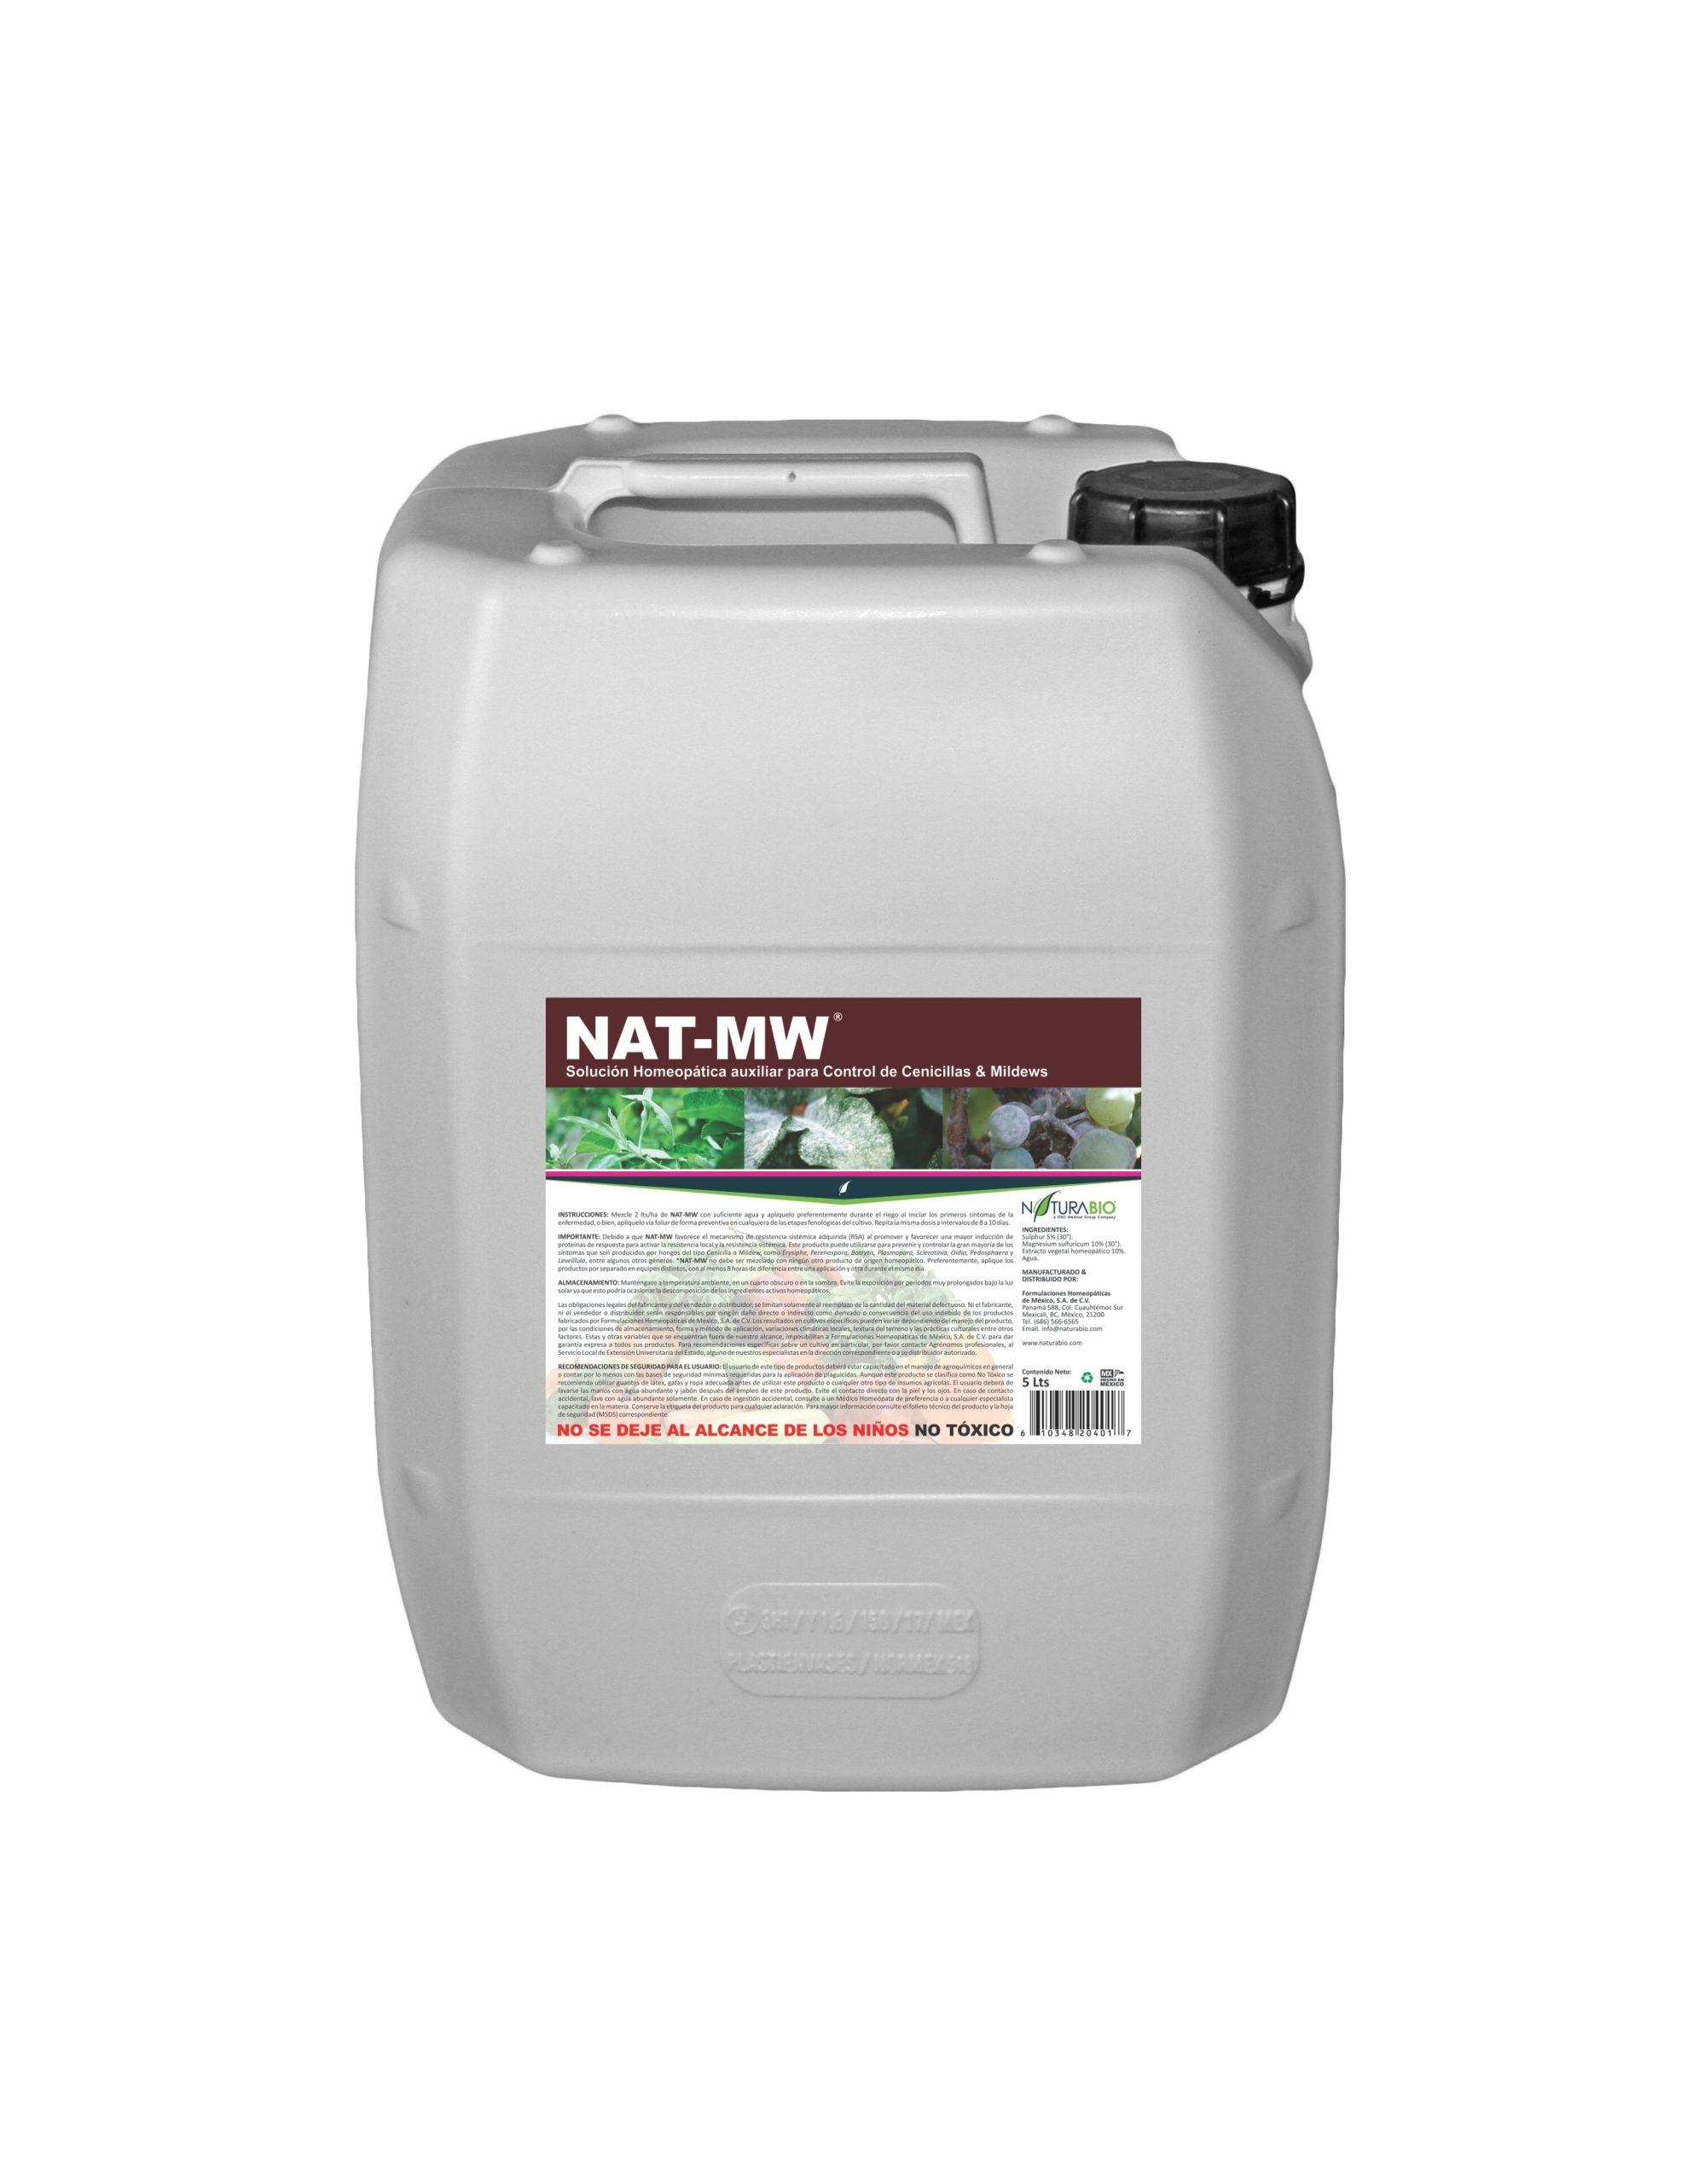 NAT-MW Solución Homeopática auxiliar para Control de Cenicillas y Mildews